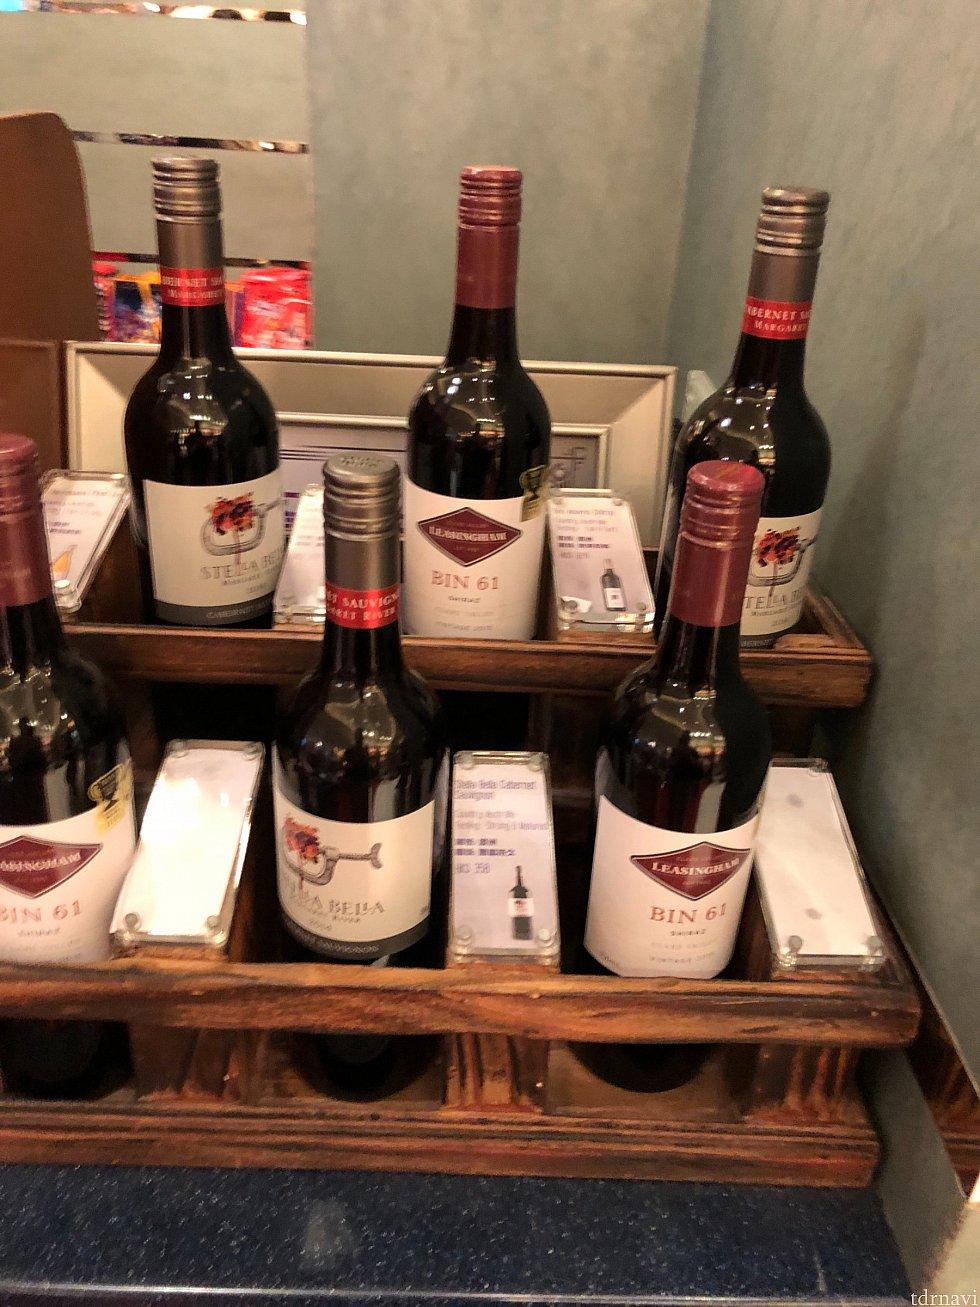 ショップにはワインも売っています。ディズニーオリジナルワインはありませんでした。部屋にワイングラスがないので飲む方はレストランで借りてください。日本円で一本5000円くらいとまぁまぁな値段しますがものすごく美味しかったです。